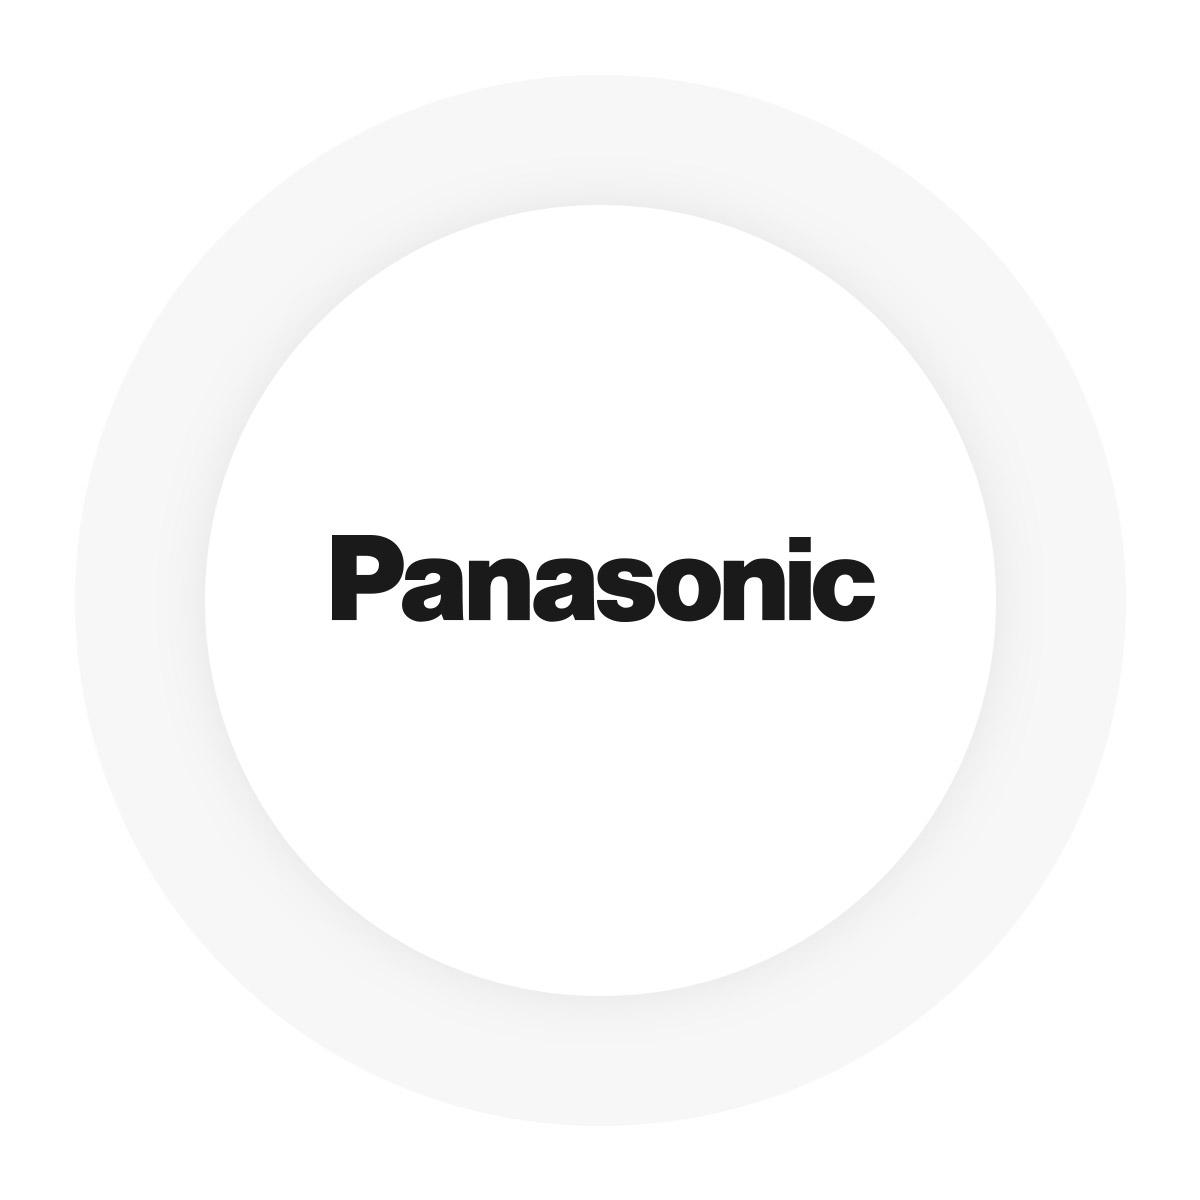 60 år av innovation - Panasonic har drivit utvecklingen av uppvärmning och kyla i mer än 60 år.